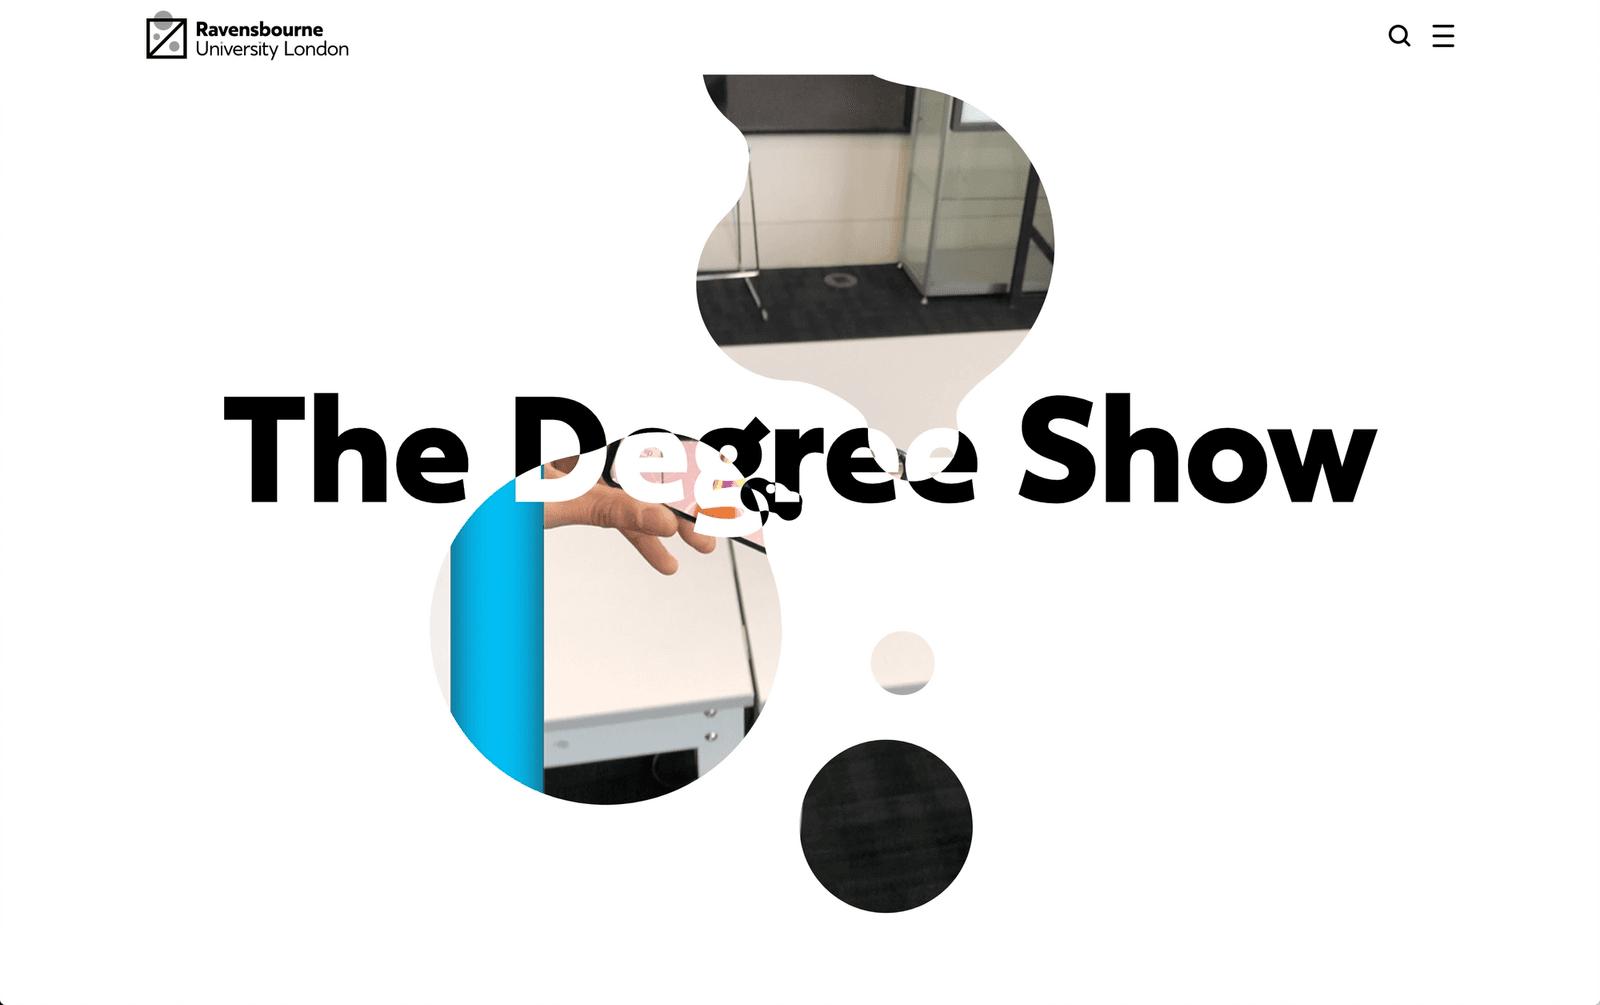 Ravensbourne Degree Show 2021